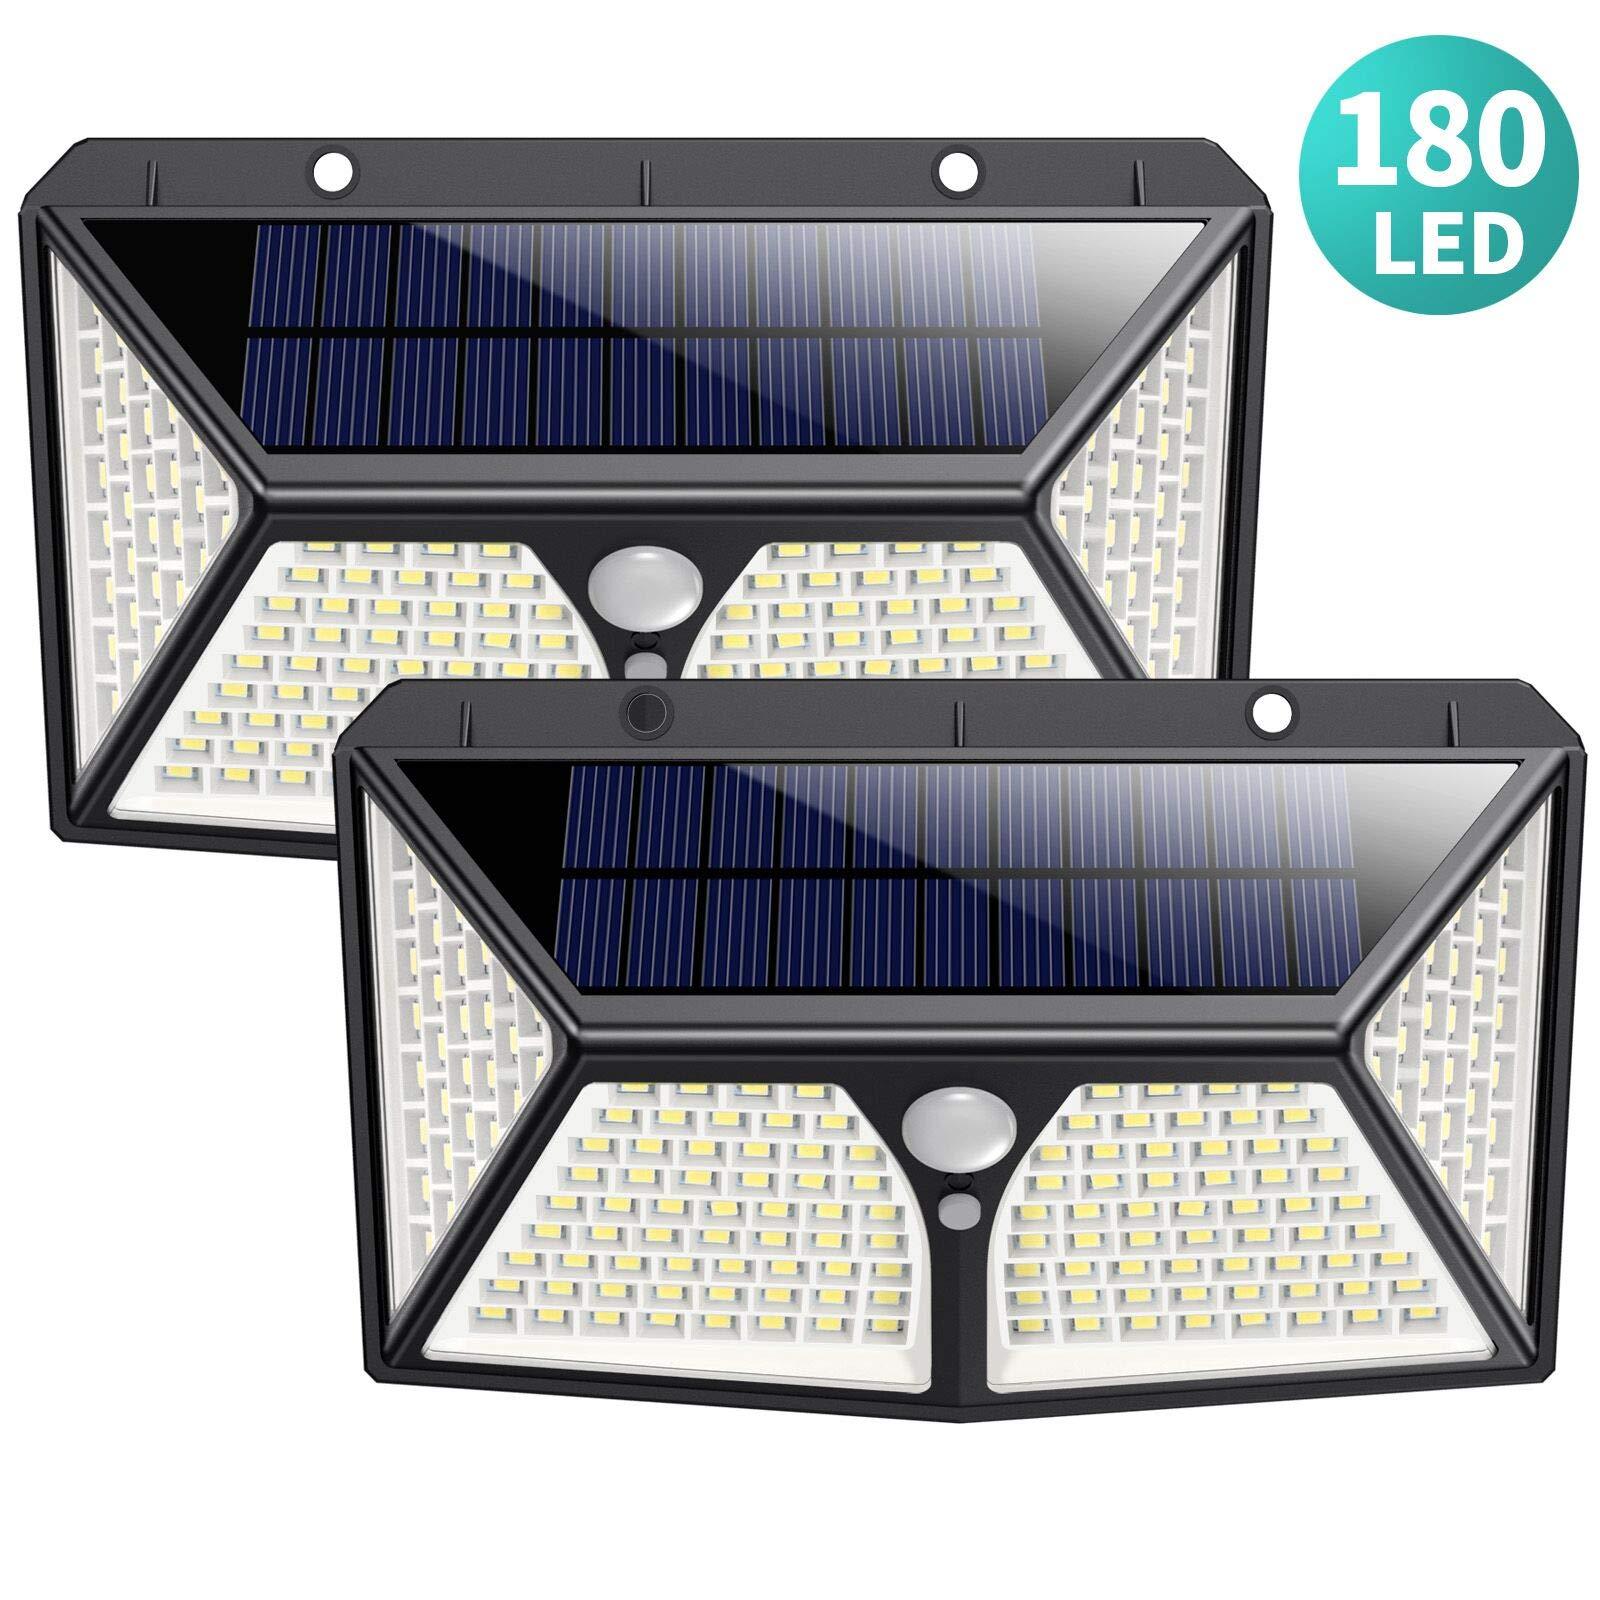 180 LED Luz Solar Exterior,HETP【2019 Versión de Ahorro Energía 】Luces Solares con Sensor de Movimiento Lámpara Solar Impermeable Iluminación Exterior led Foco Solar para Exterior Jardin Garaje: Amazon.es: Iluminación